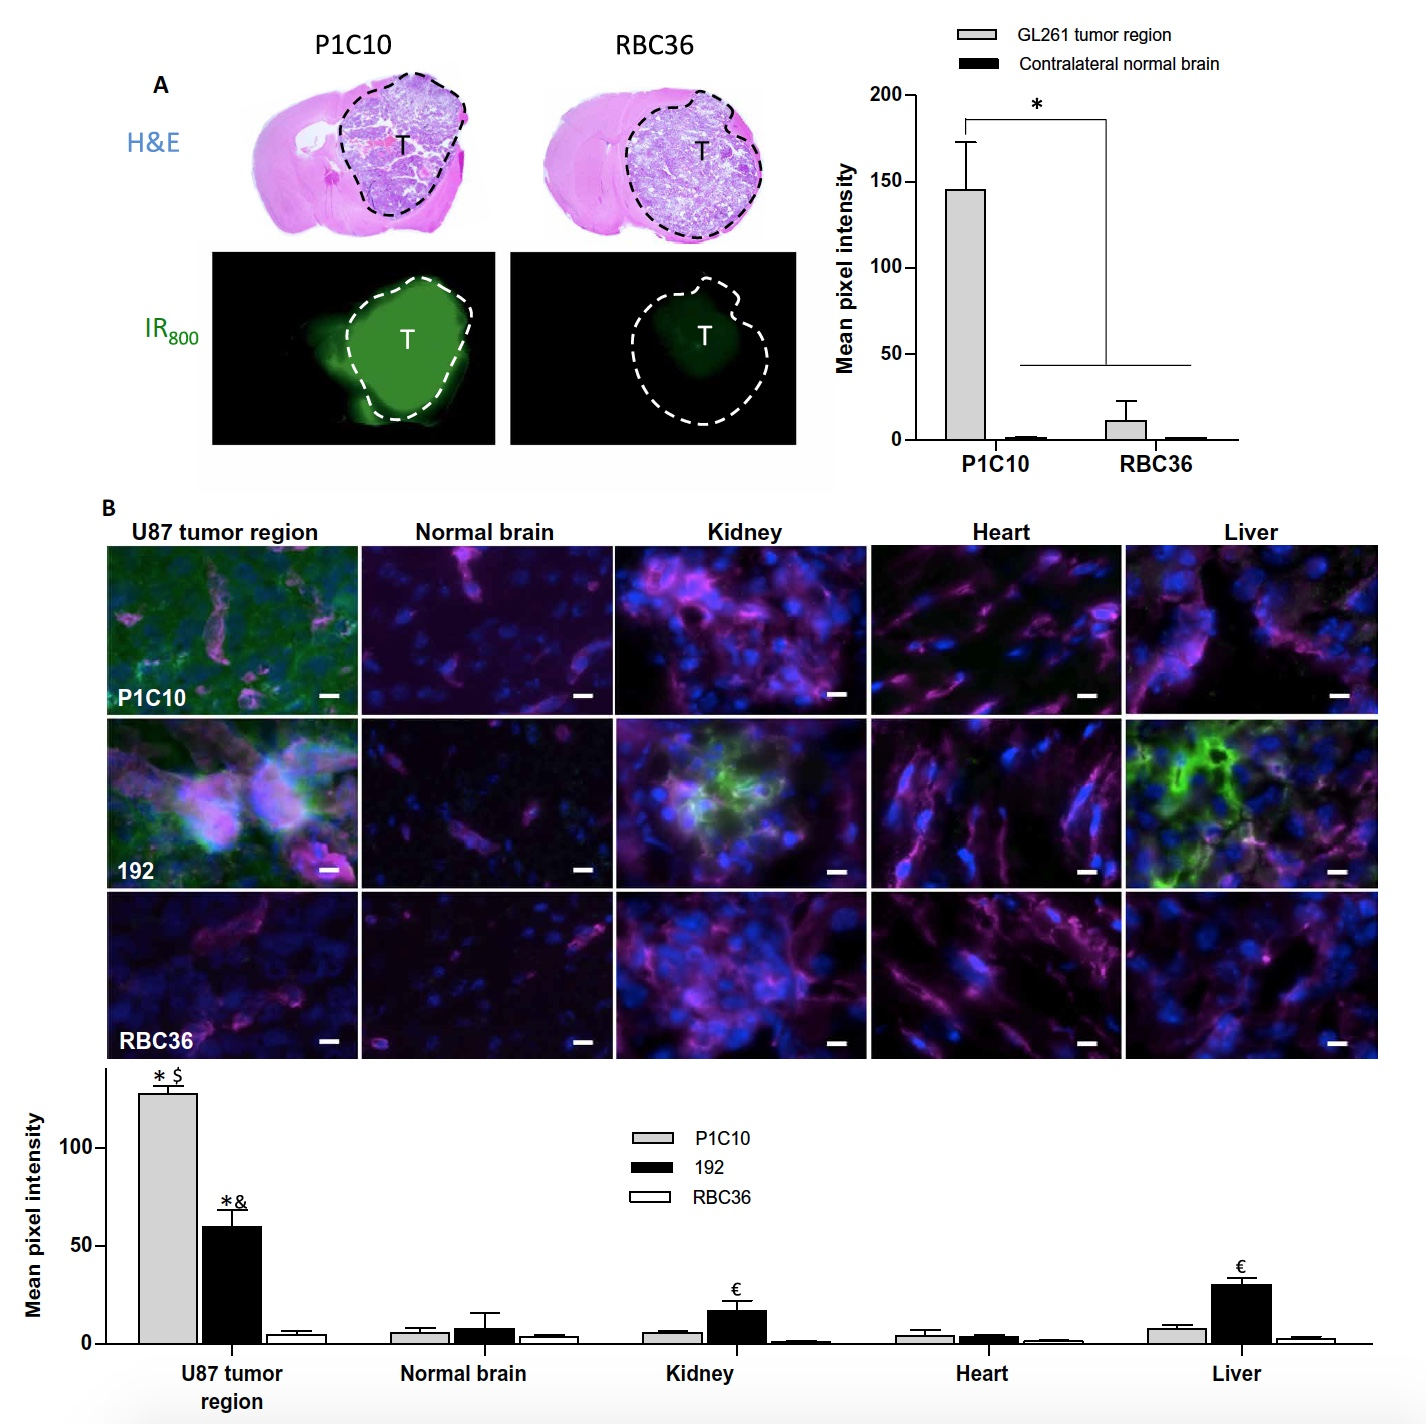 Вред во благо: иммунная система миноги в борьбе с раком головного мозга человека - 8